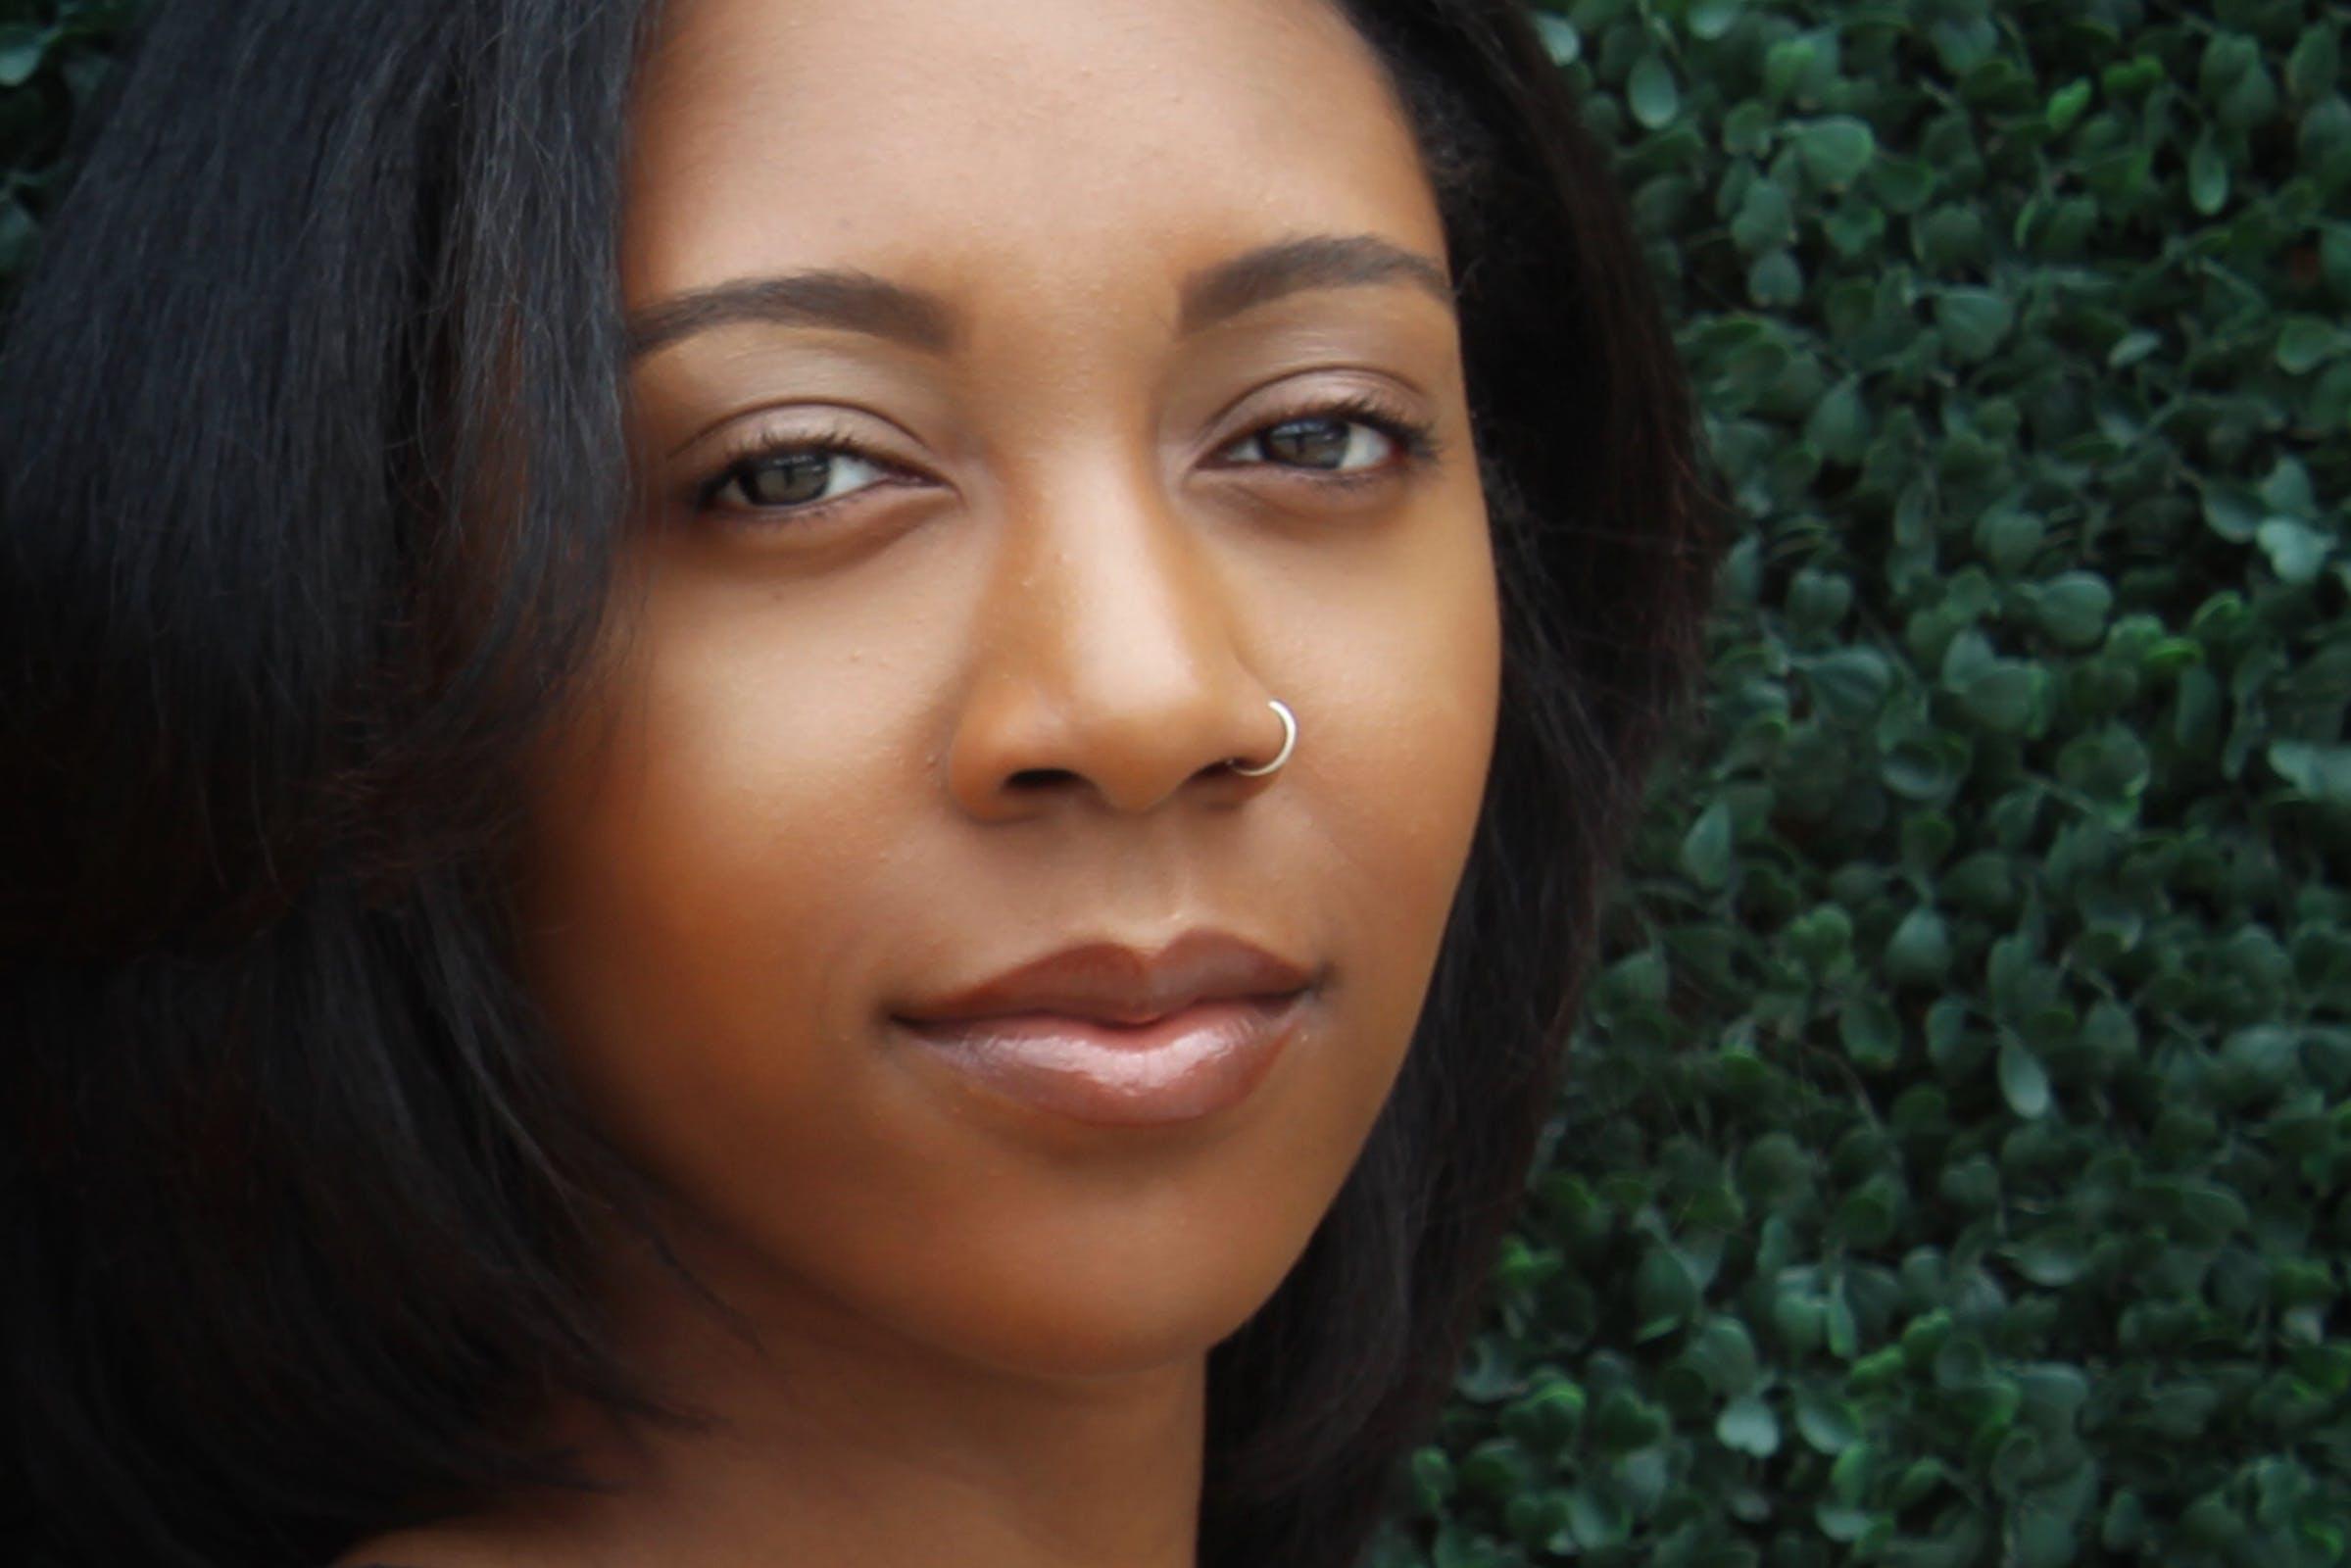 Portrait of Ciara May